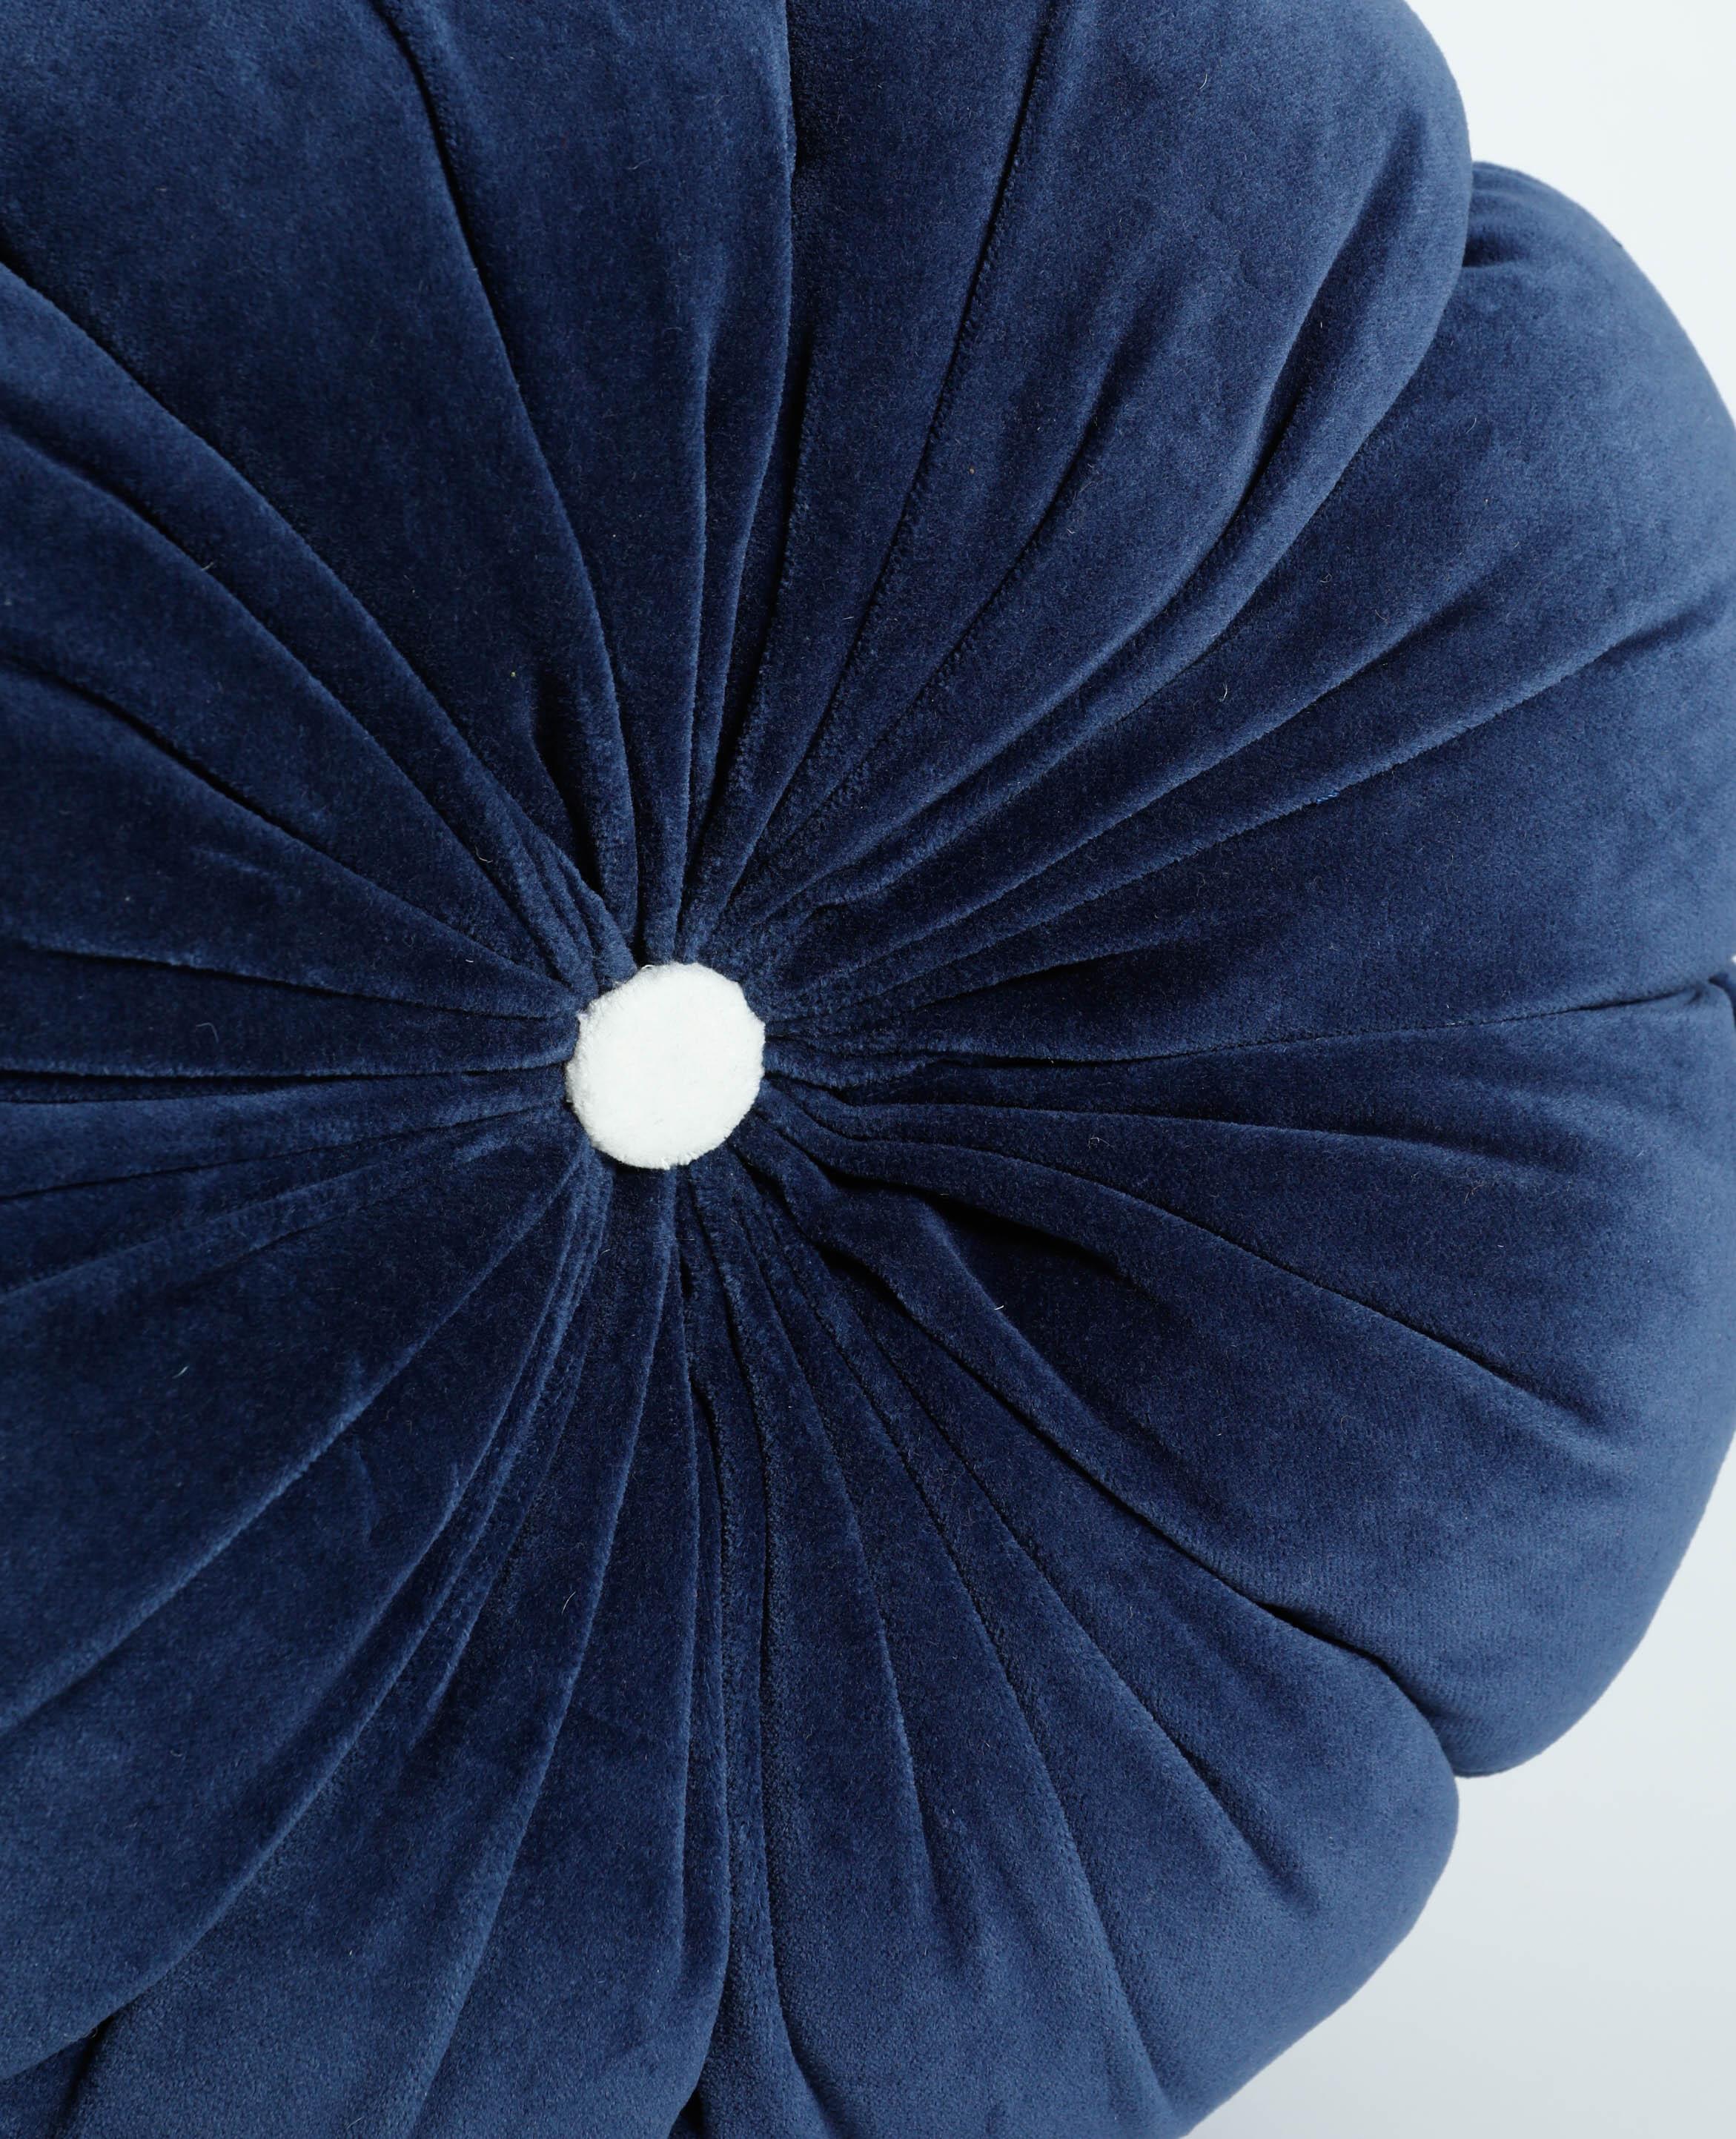 Coussin fleur bleu - Pimkie